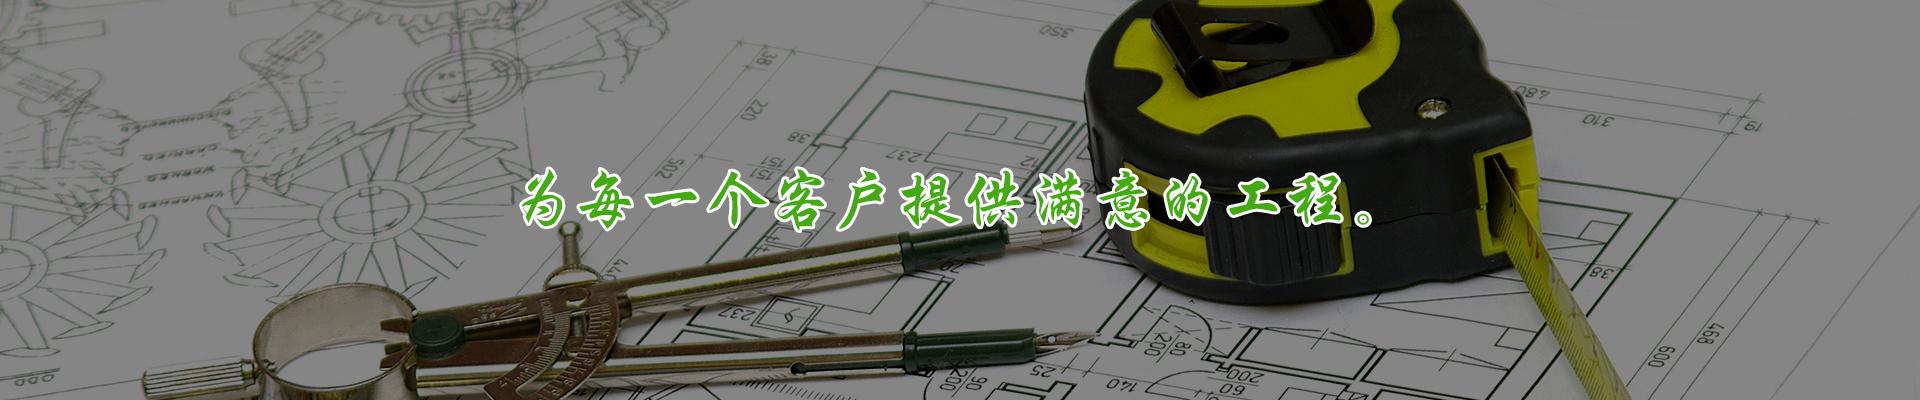 云南锦程建筑装饰工程有限公司